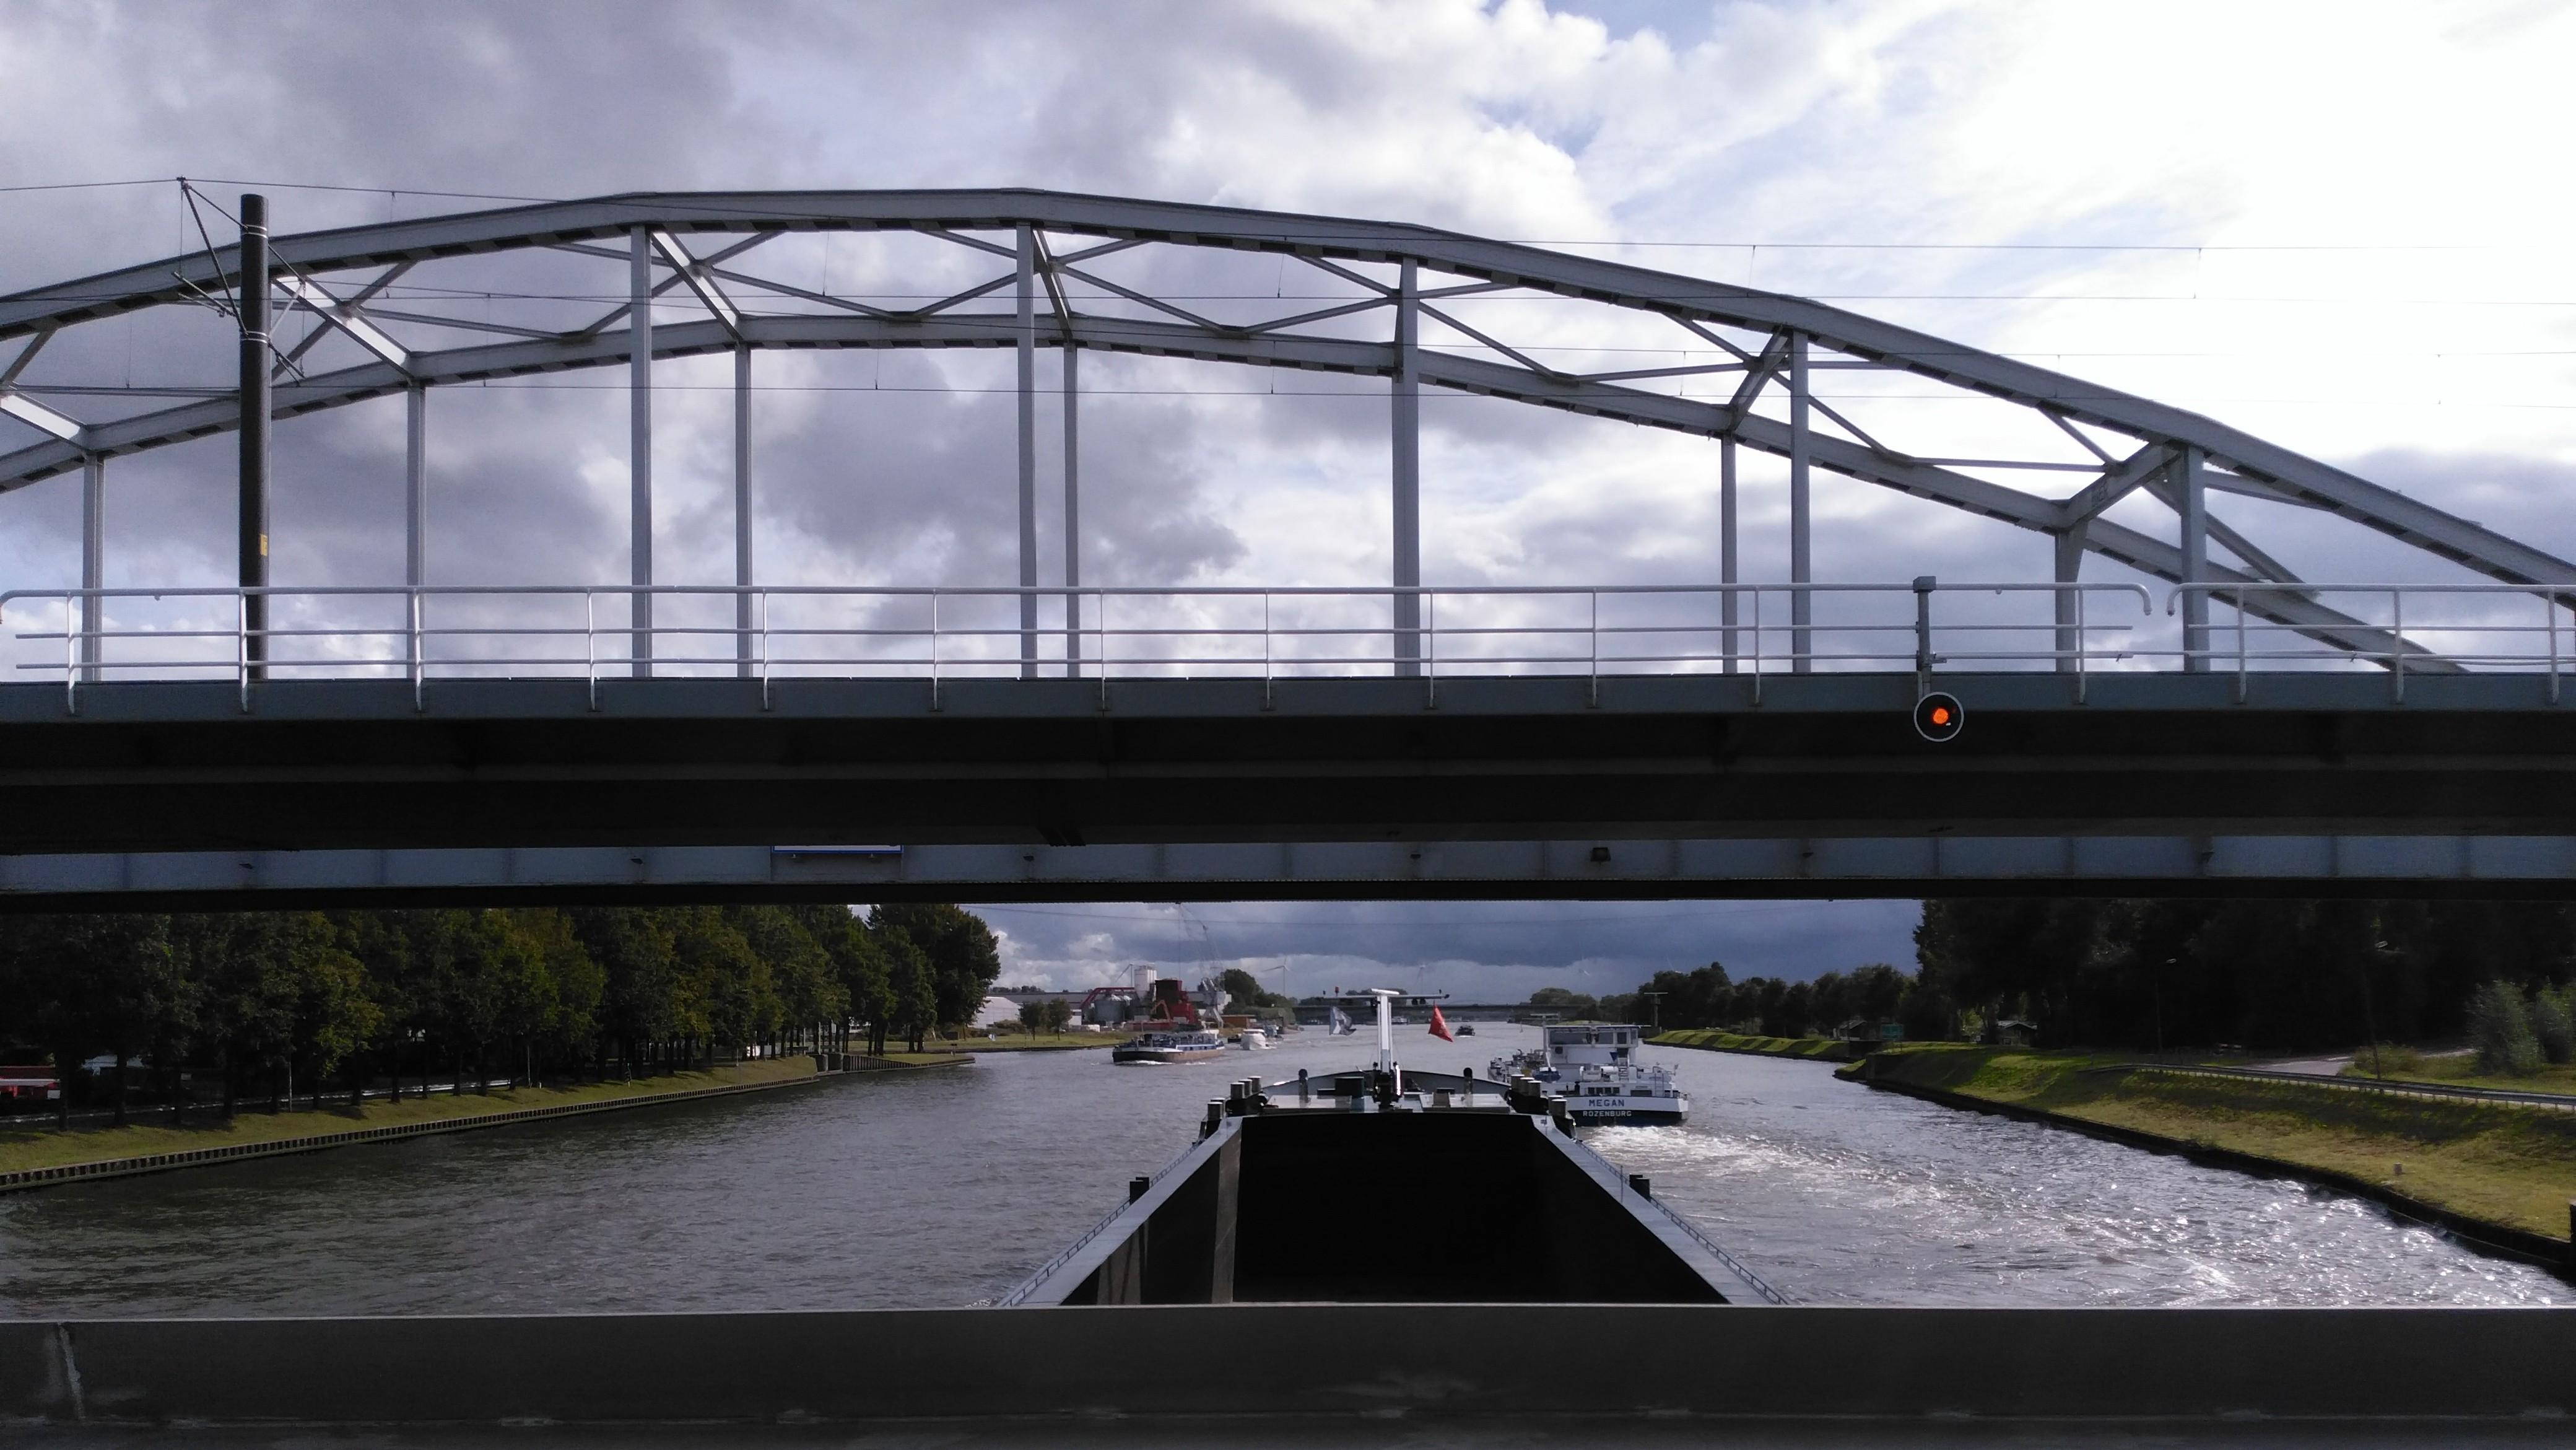 Scheepvaart Amsterdam Rijnkanaal